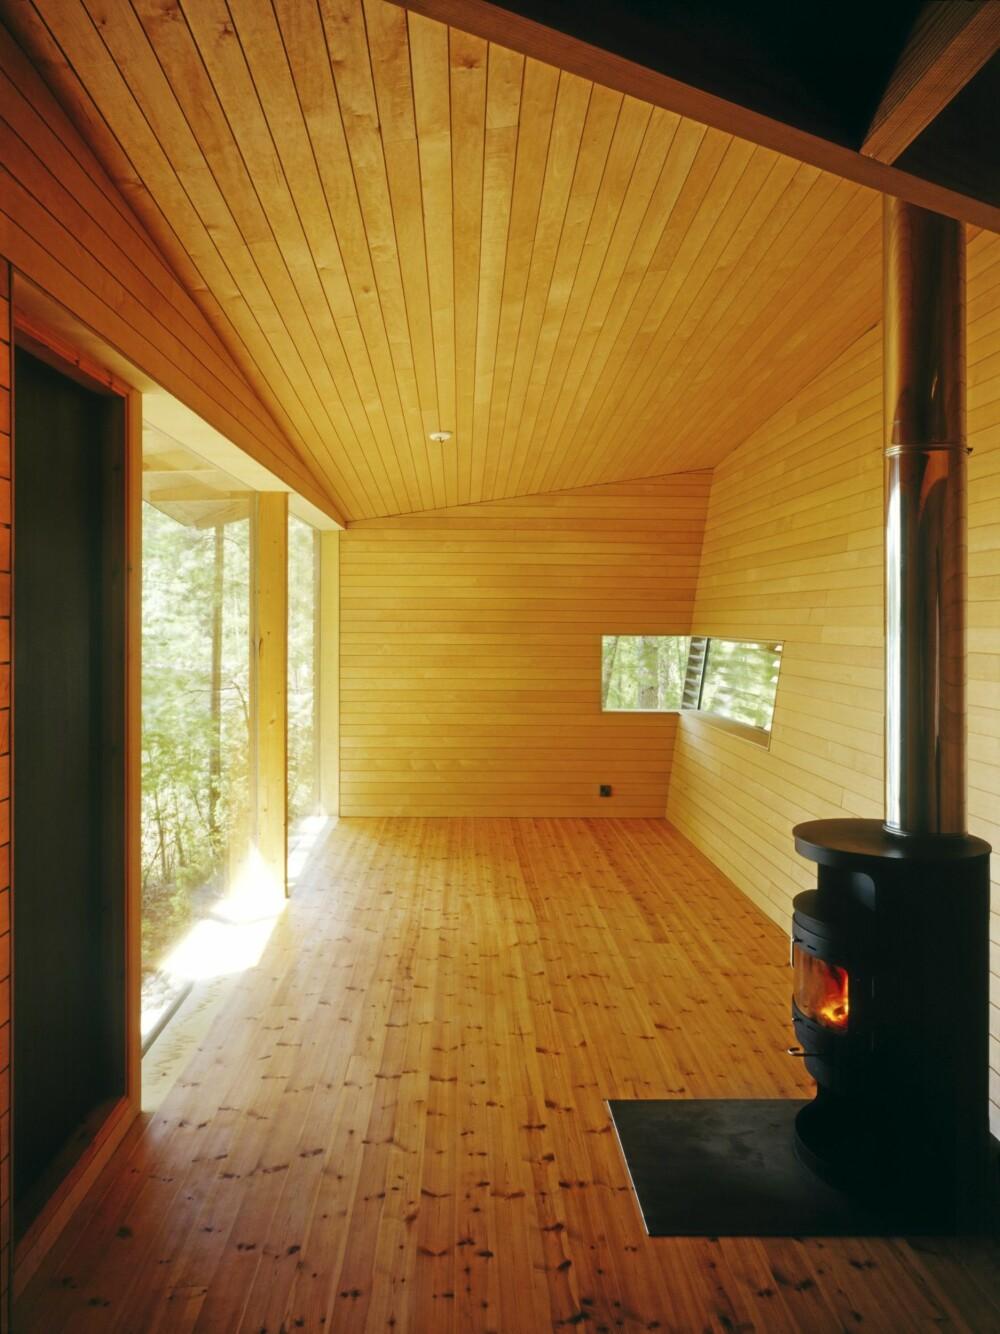 STRØKEN STIL: Så lekker og renlinjet kan interiøret i en sauna bli. Vegger kledd med panel av or.